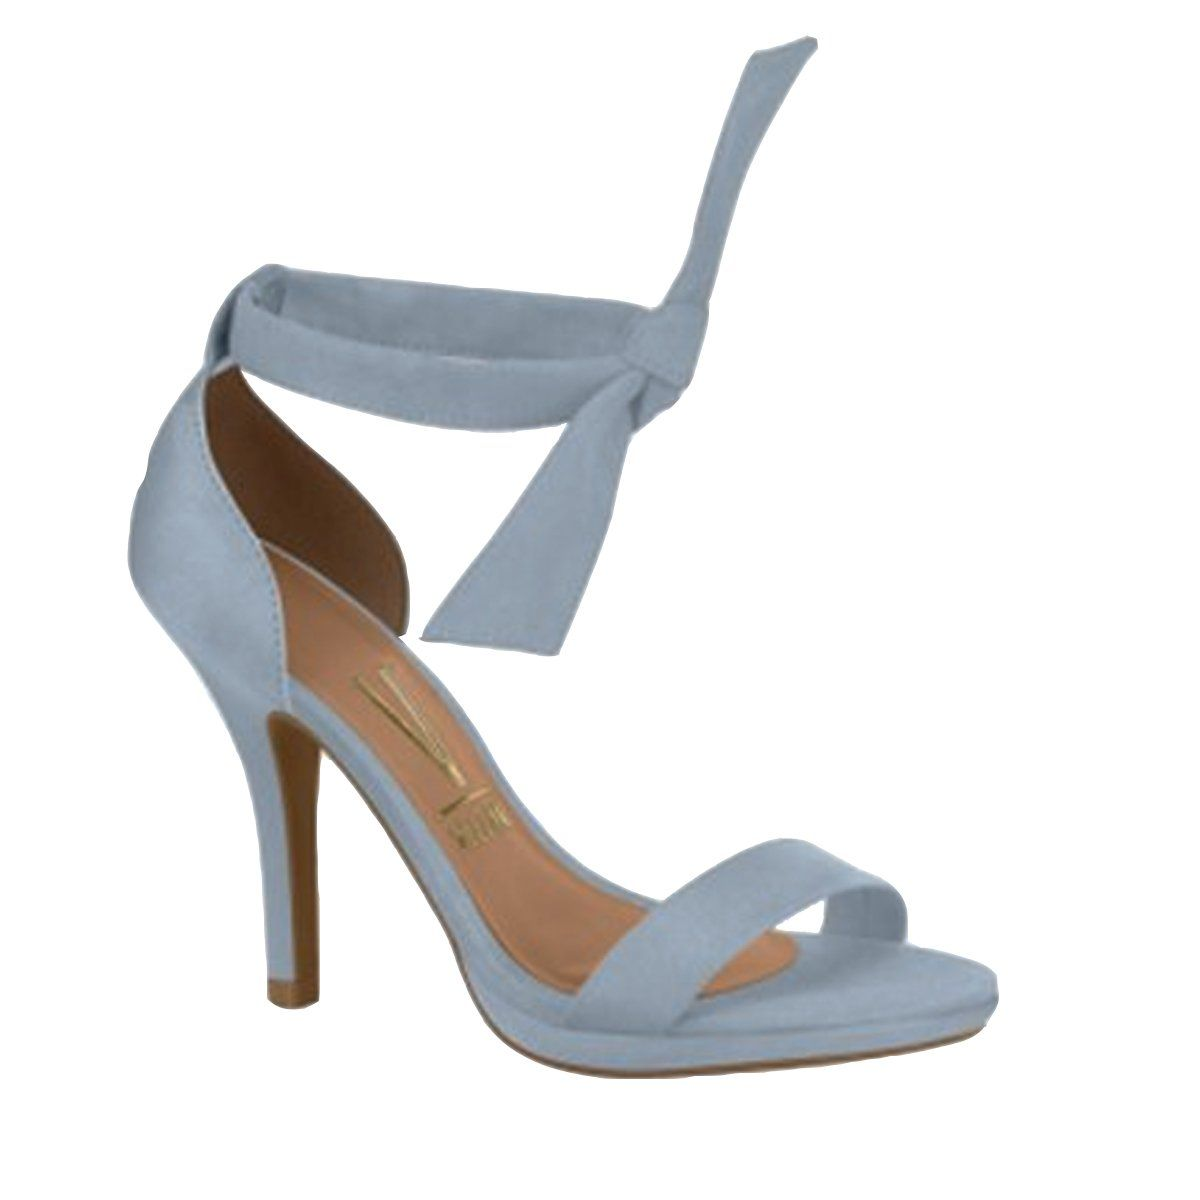 41a7c4efc9 Compre Online Sandália de salto fino com laço no tornozelo Vizzano 6210.458